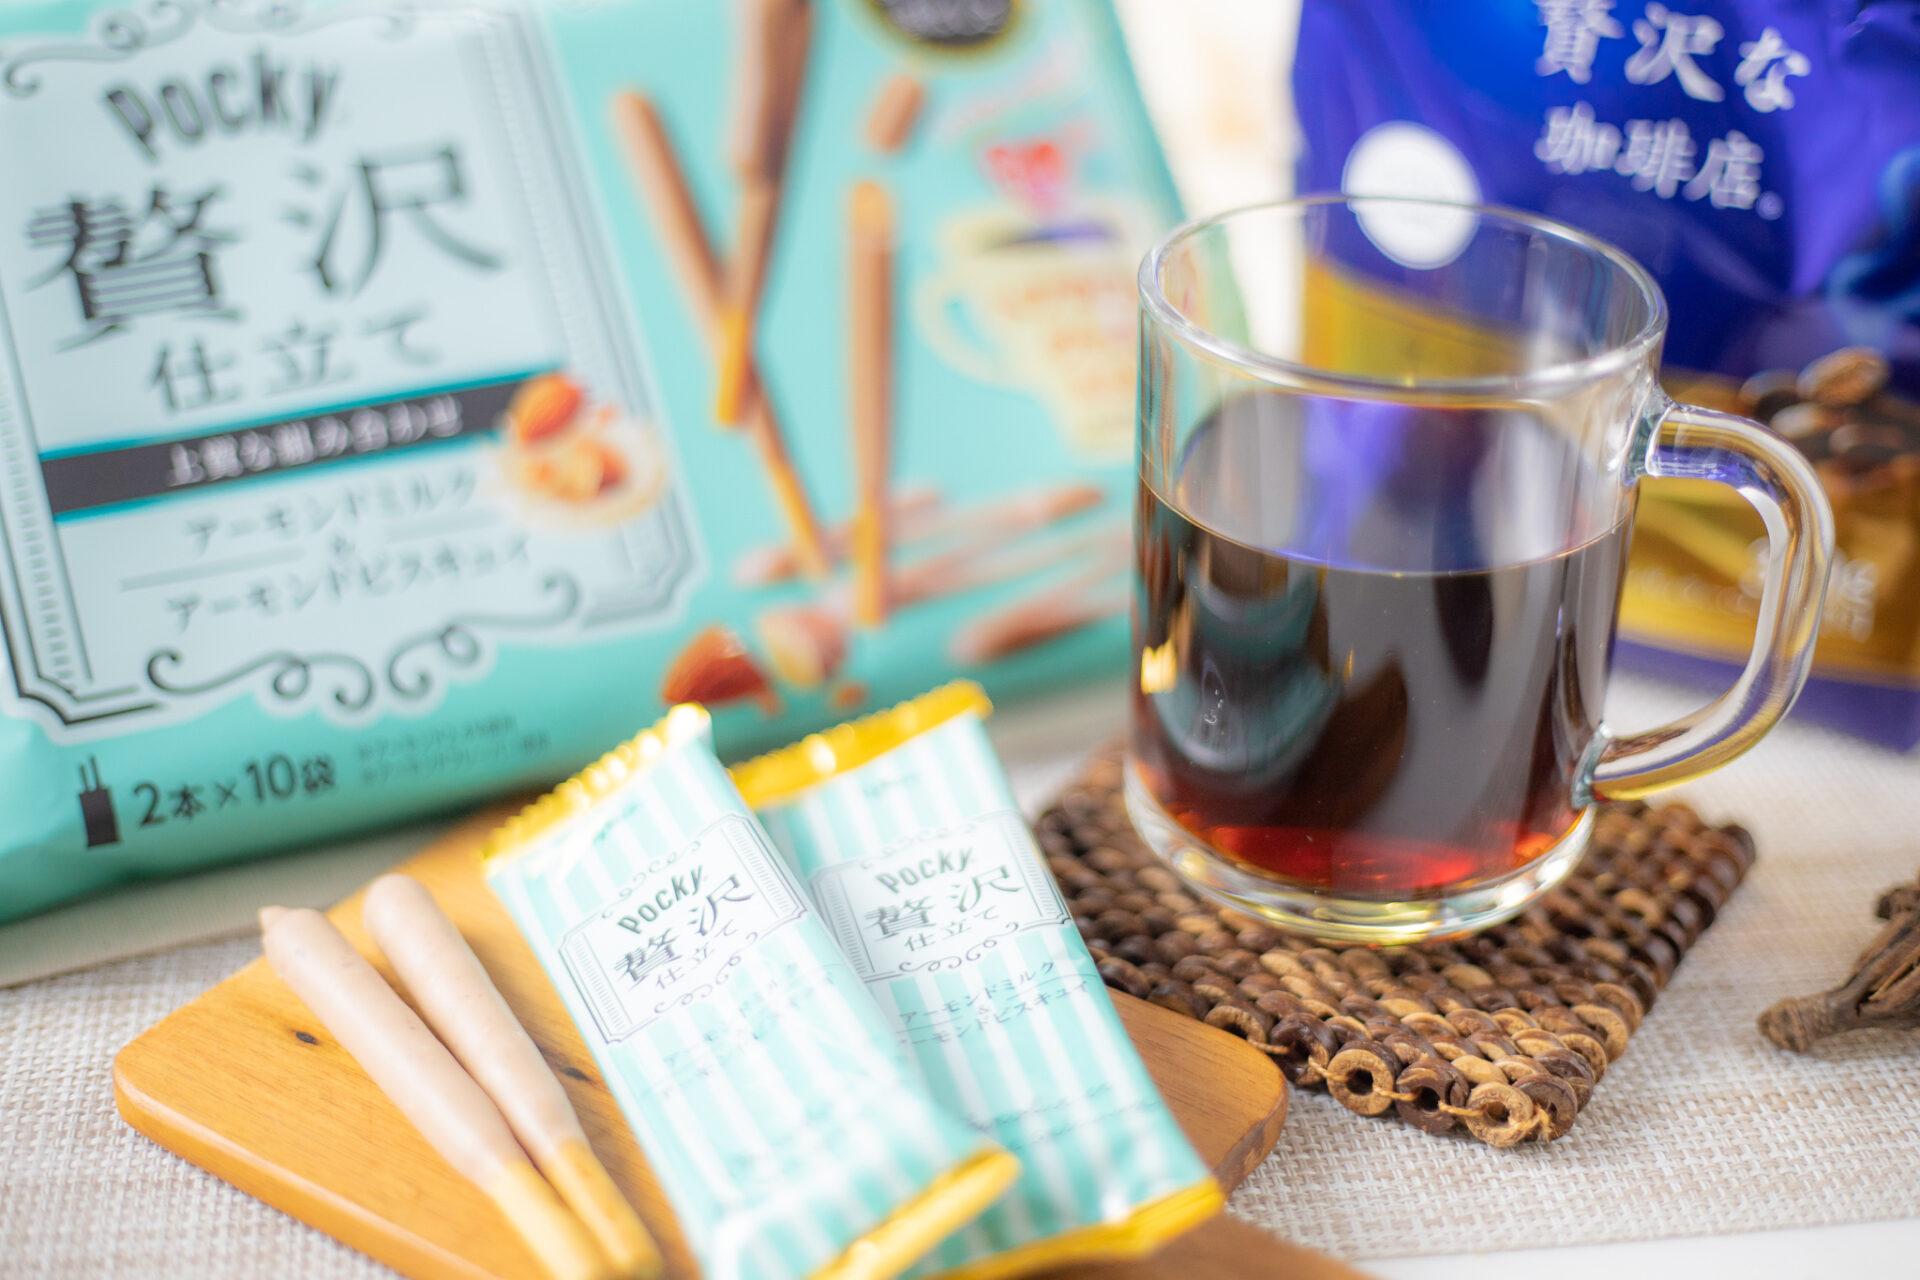 「ポッキー贅沢仕立て」<アーモンドミルク>×「ちょっと贅沢な珈琲店®」 レギュラー・コーヒー スペシャル・ブレンド